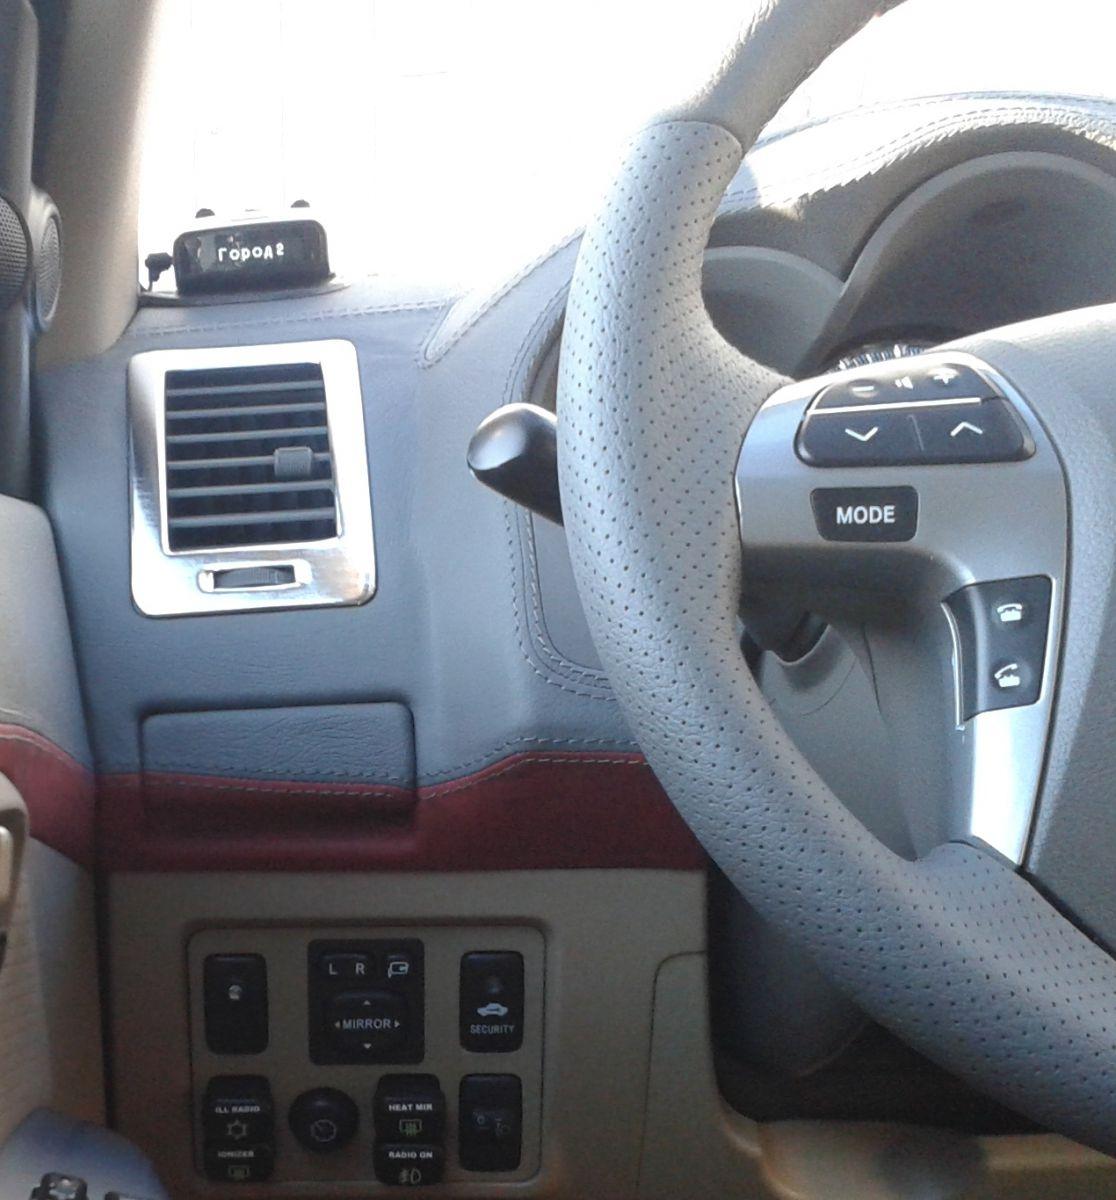 На руле теперь работает управление телефоном и дисплеем (трипом).